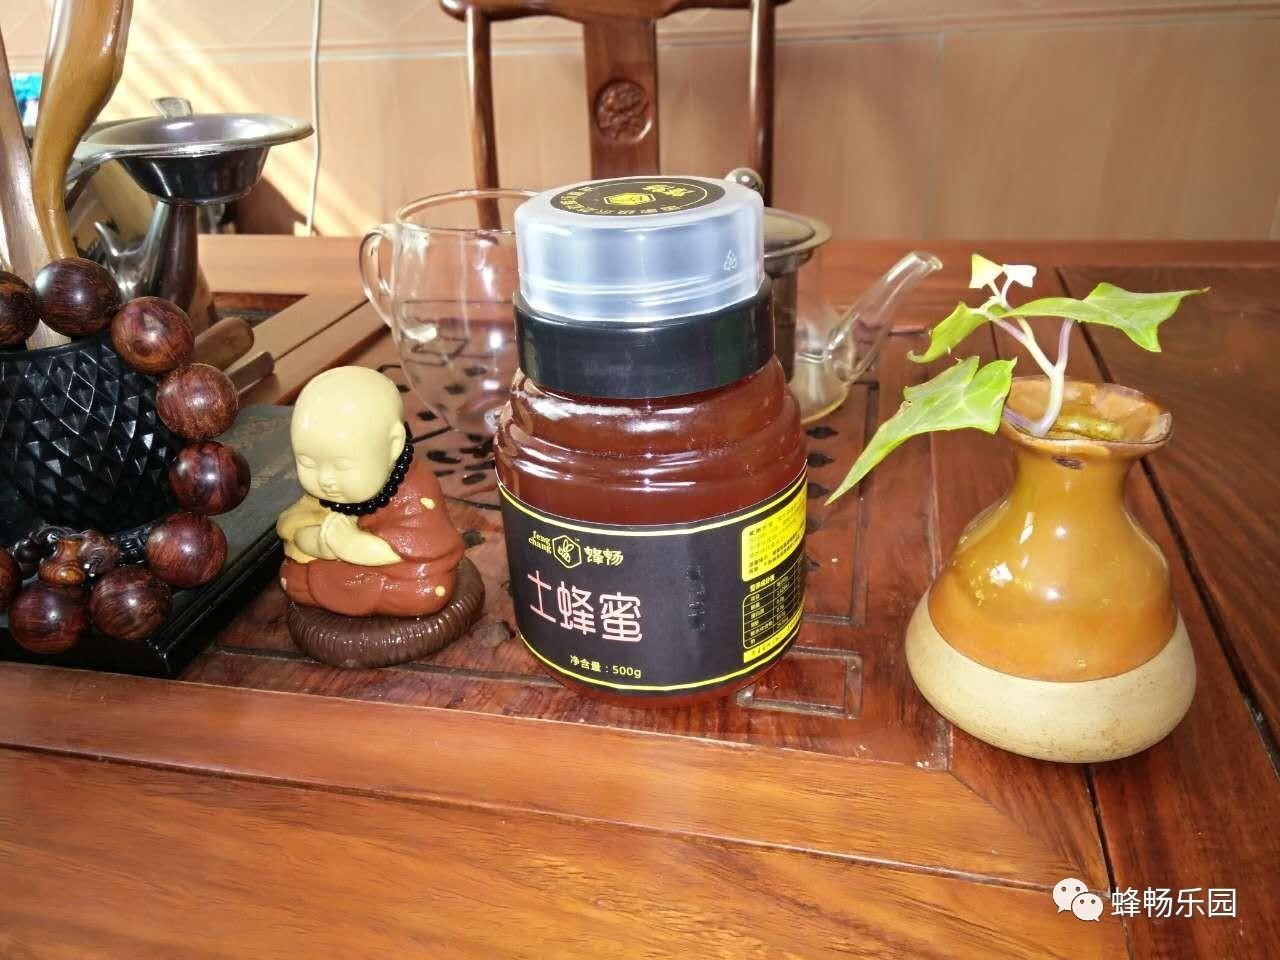 蜂蜜白醋水有什么作用 蜂蜜企业 喝蜂蜜水好吗 蜂蜜 卖蜂蜜